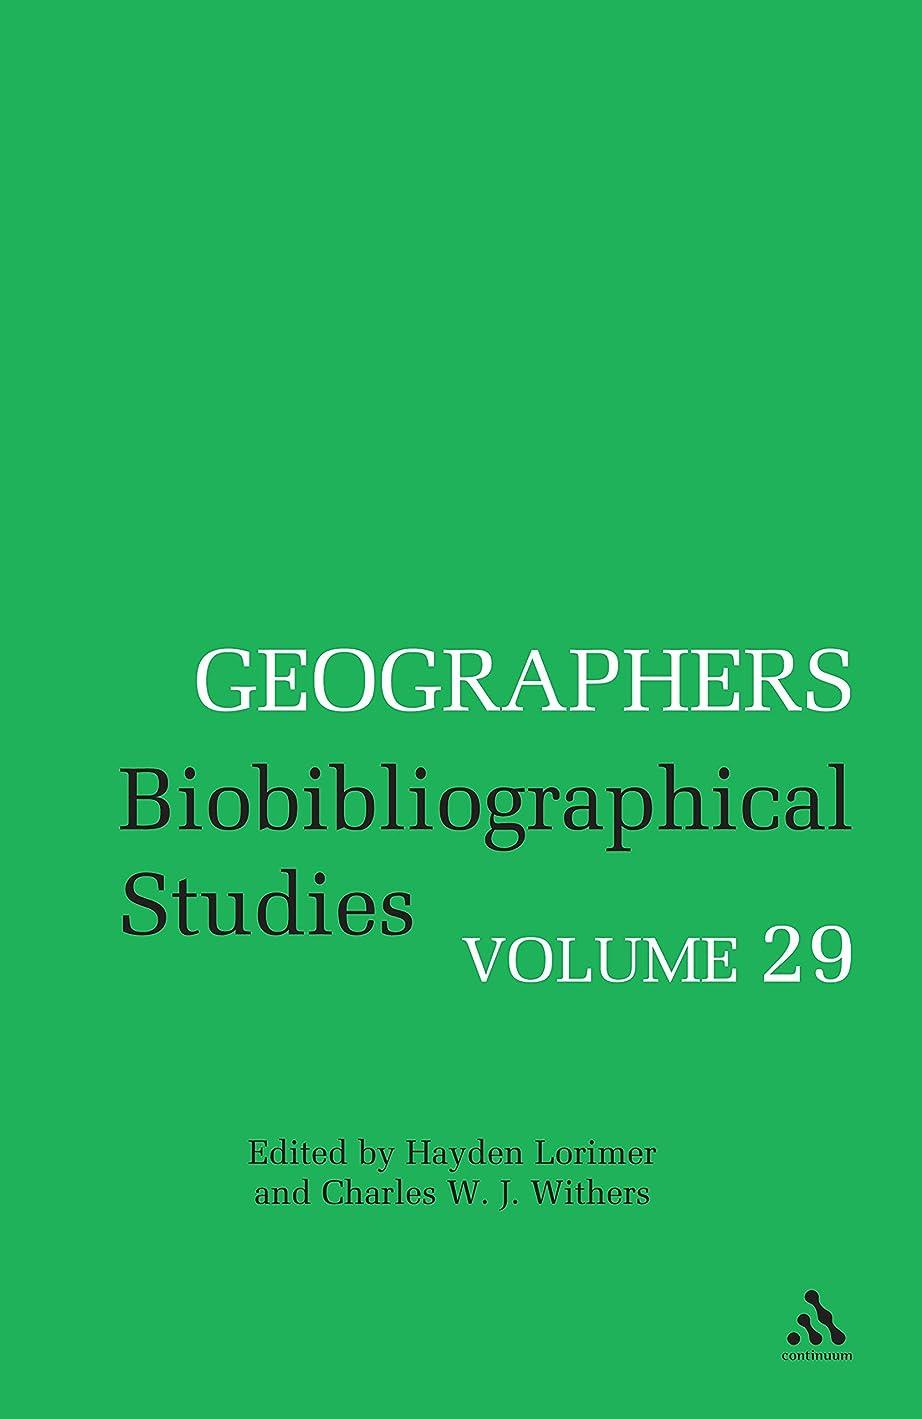 暖炉クレタ現在Geographers: Biobibliographical Studies, Volume 29 (English Edition)